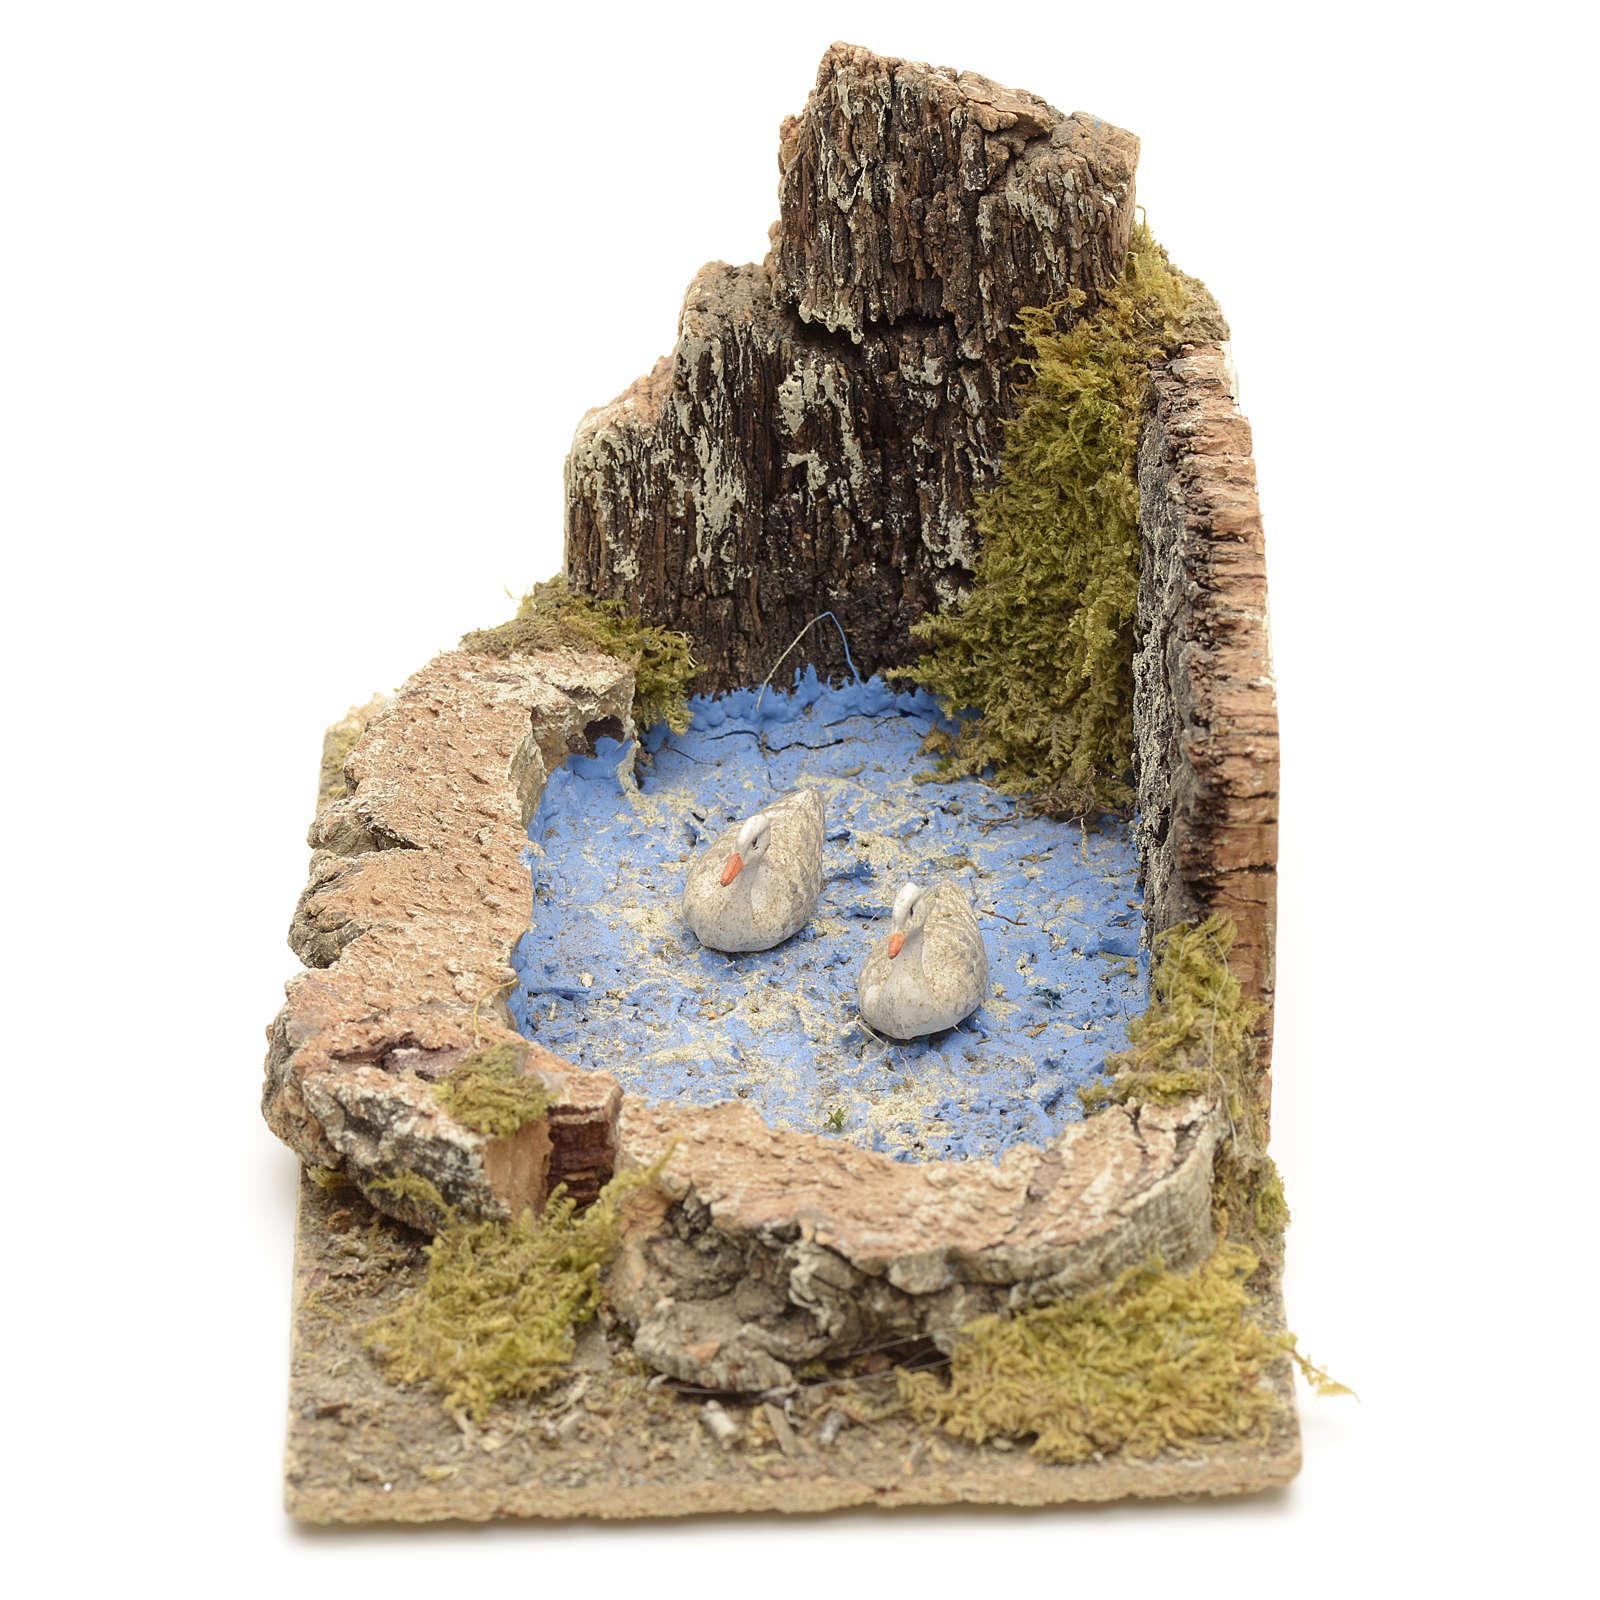 Oche e pulcini nel laghetto ambientazione presepe 8-10 cm 3